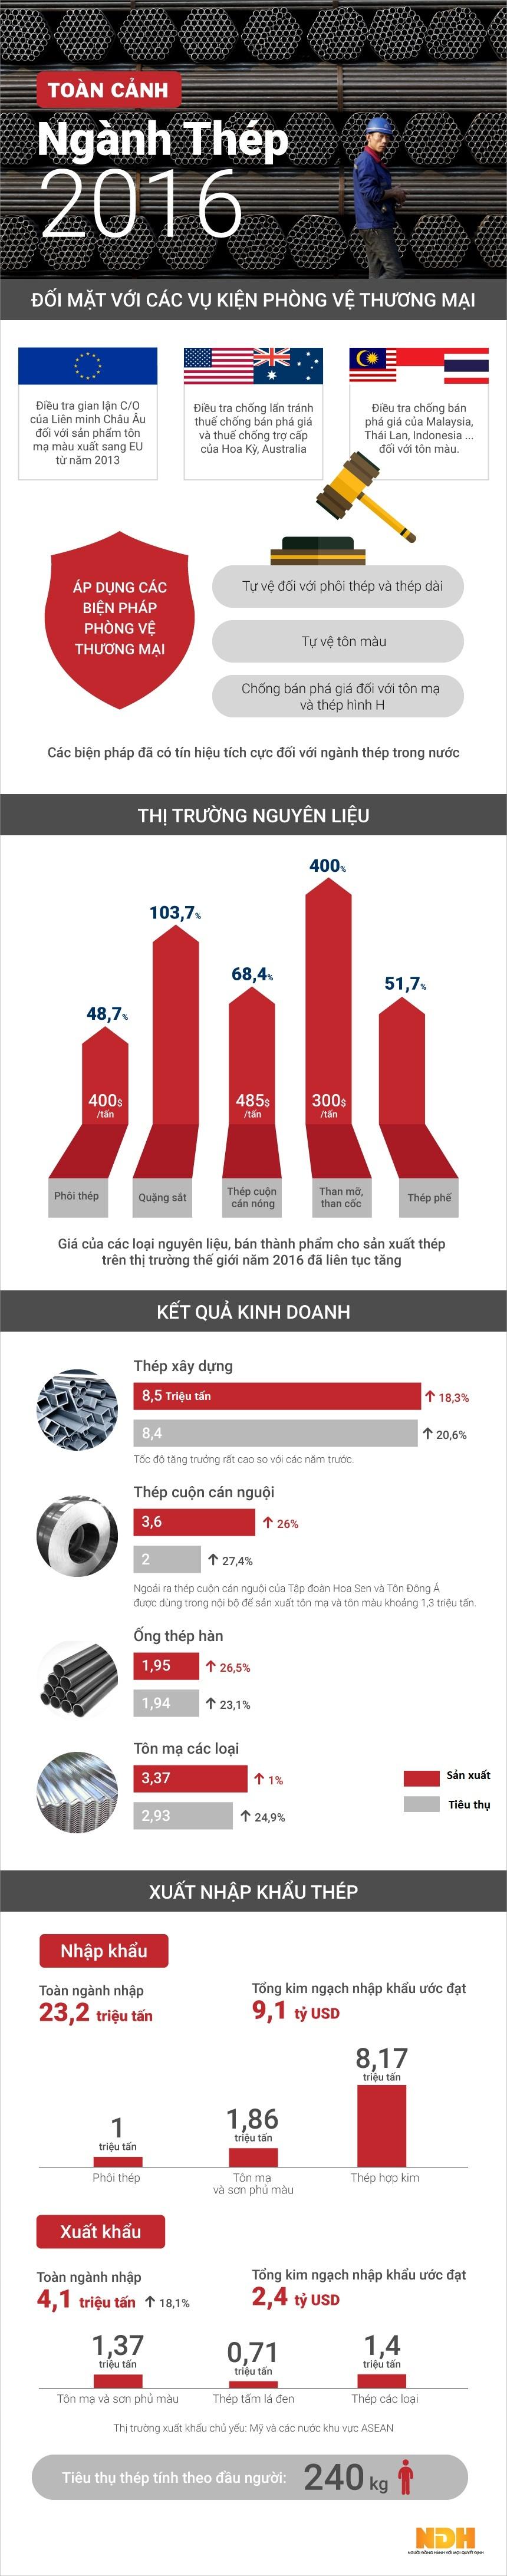 Toàn cảnh ngành thép năm 2016